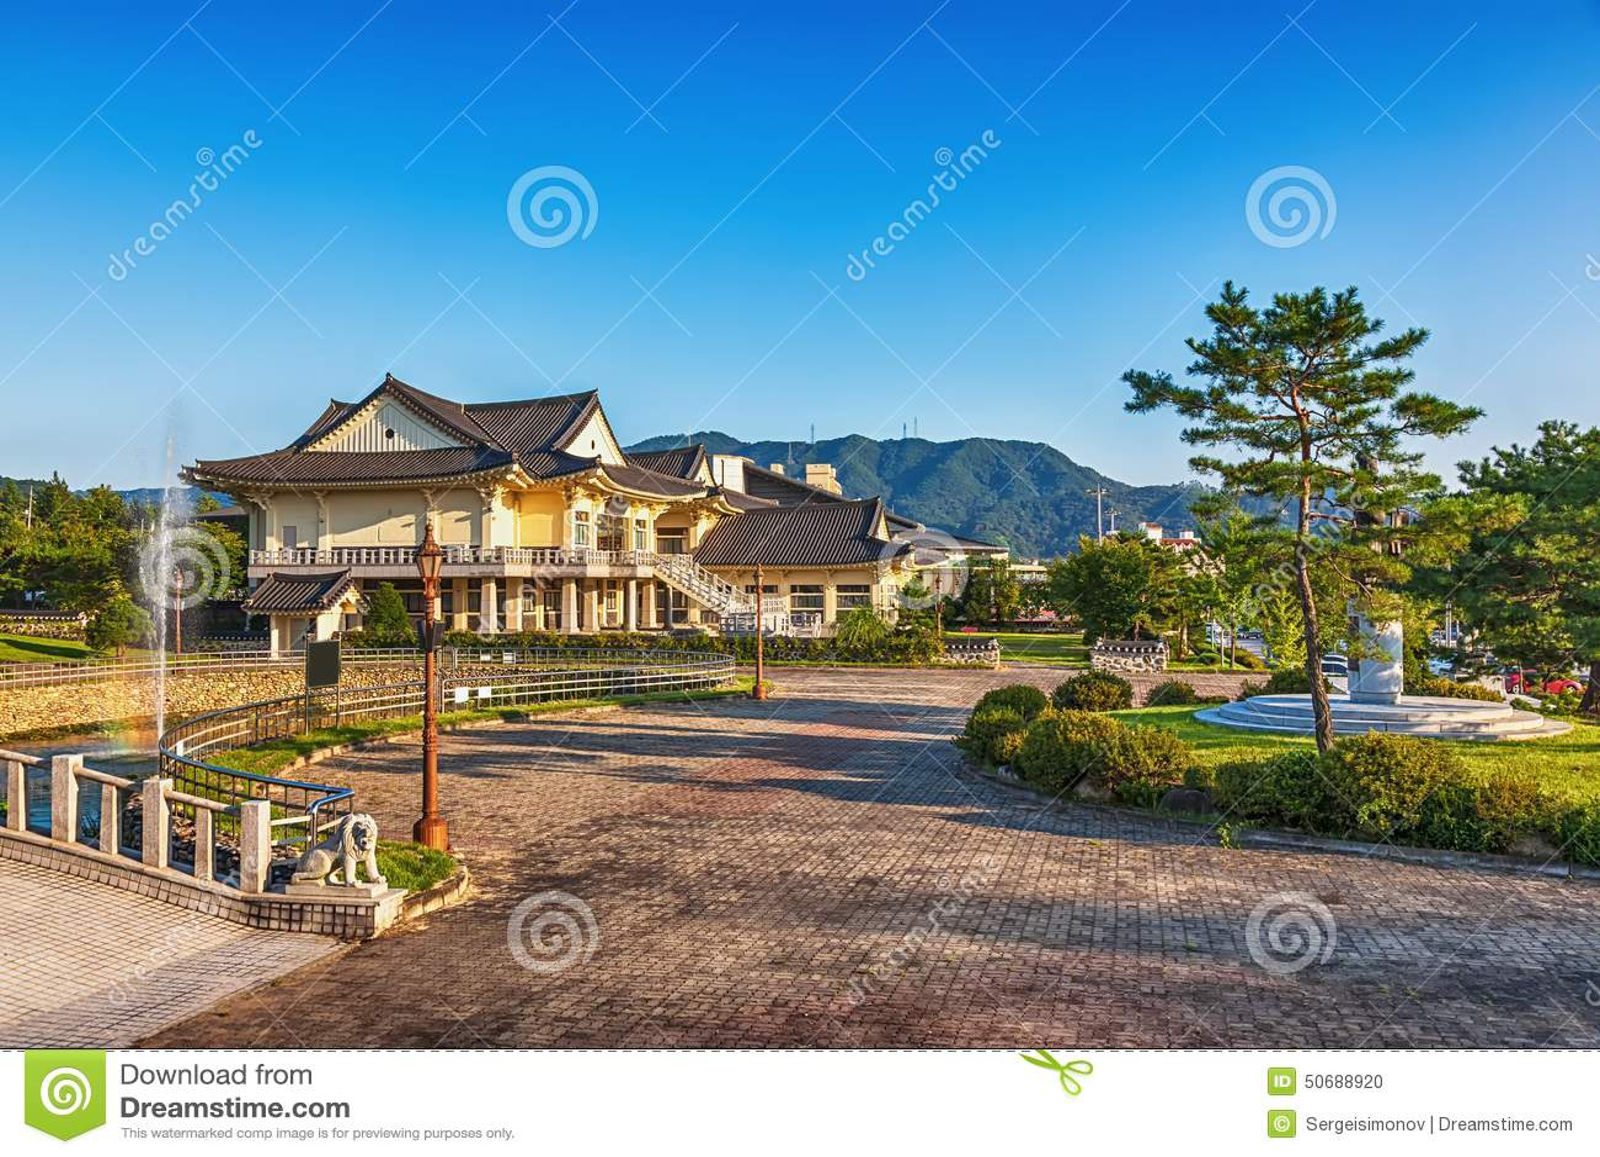 Download 传统建筑学老大厦或寺庙在韩国 库存照片. 图片 包括有 寺庙, 聚会所, 传统, 城市, 韩文, 布琼布拉 - 50688920